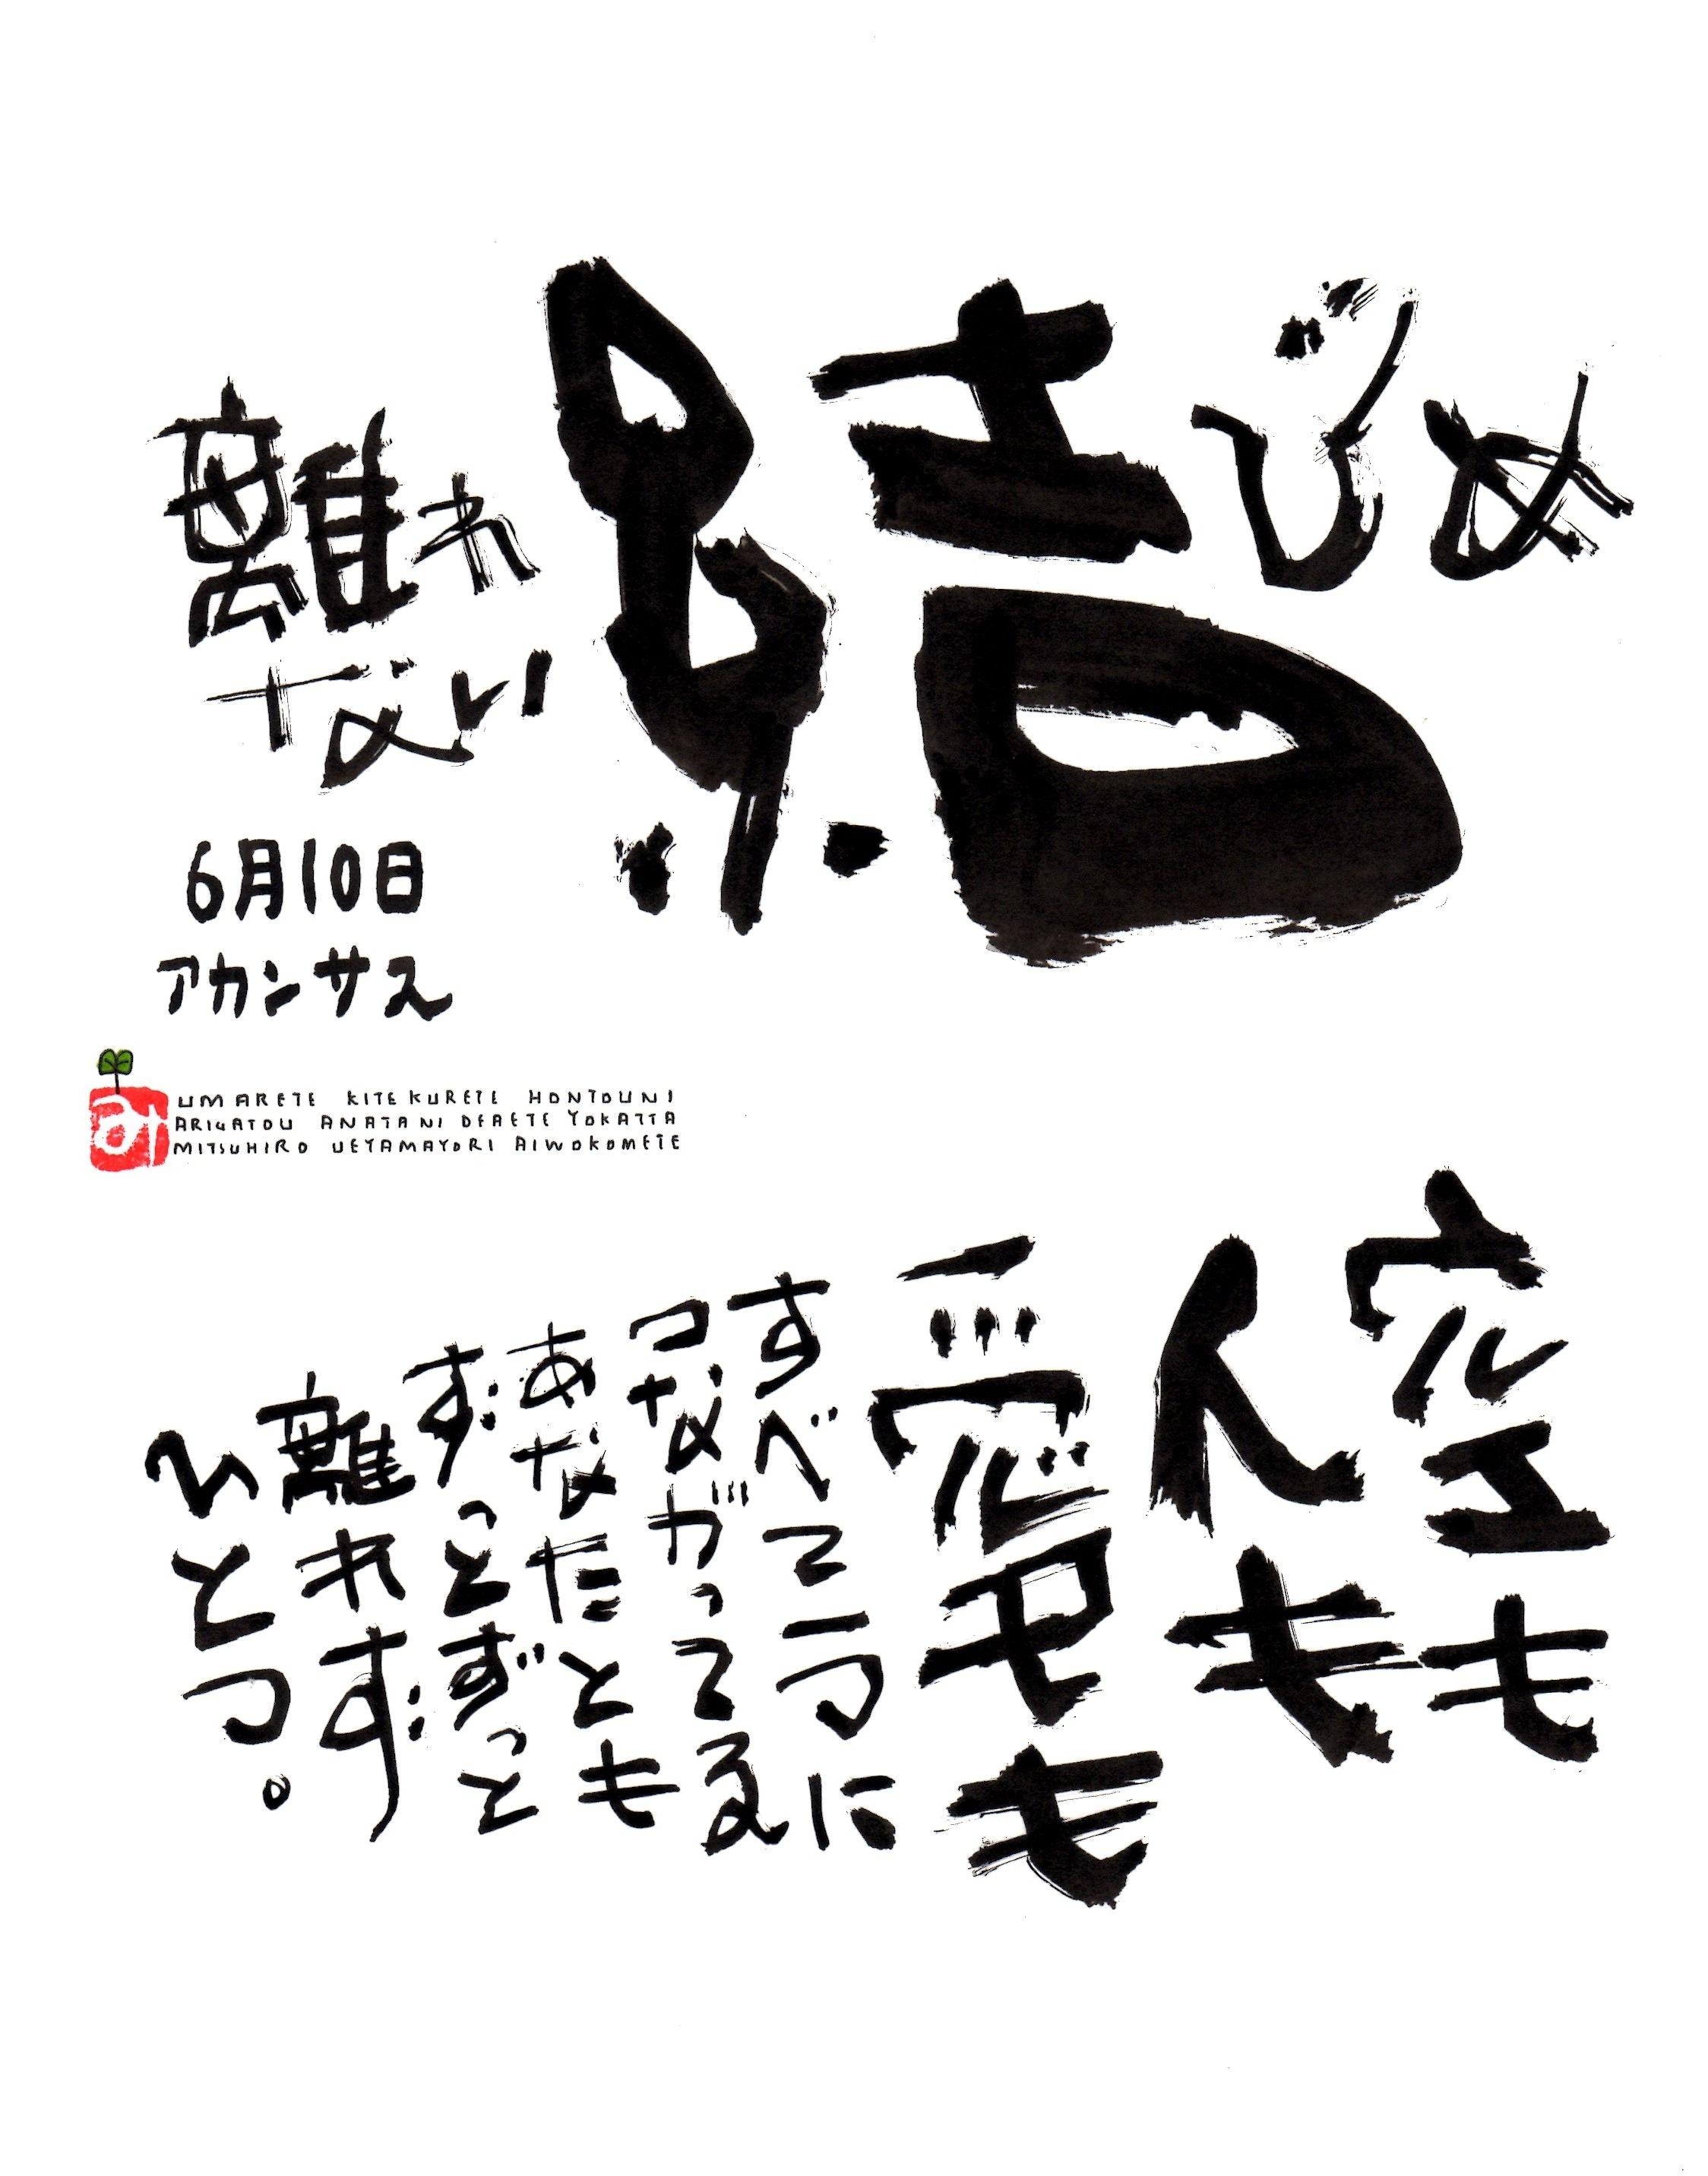 6月10日 誕生日ポストカード【離れない結びめ】An inseparable knot